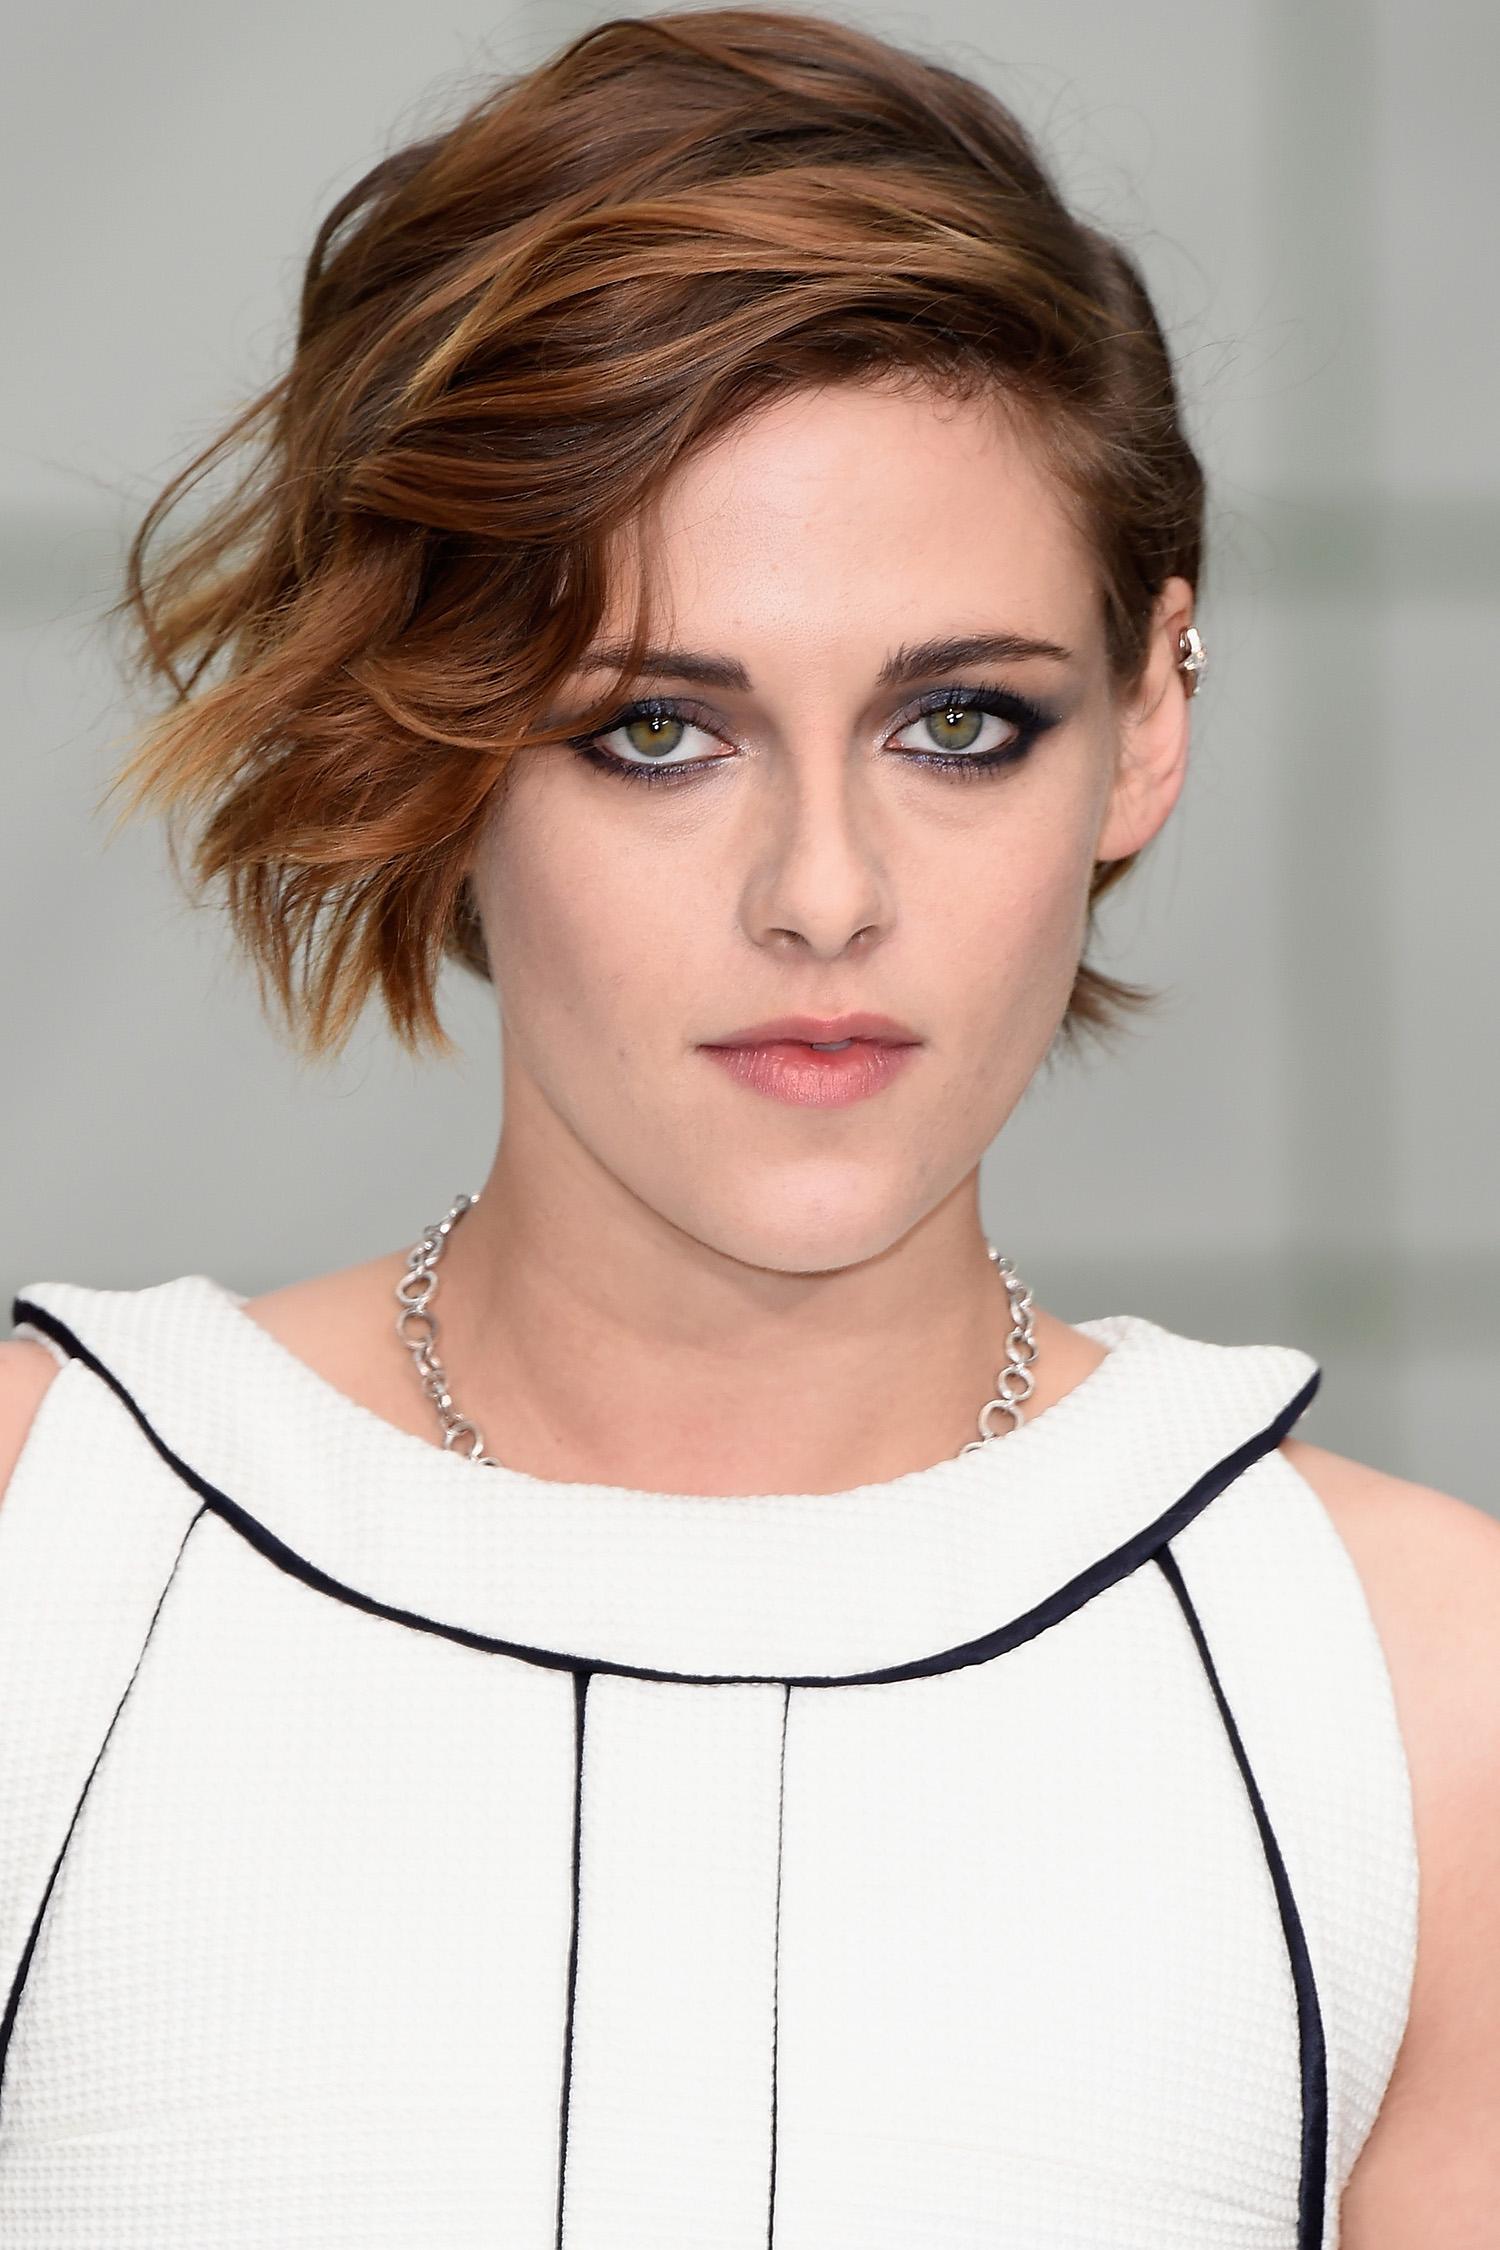 Kristen Stewart pixie cut